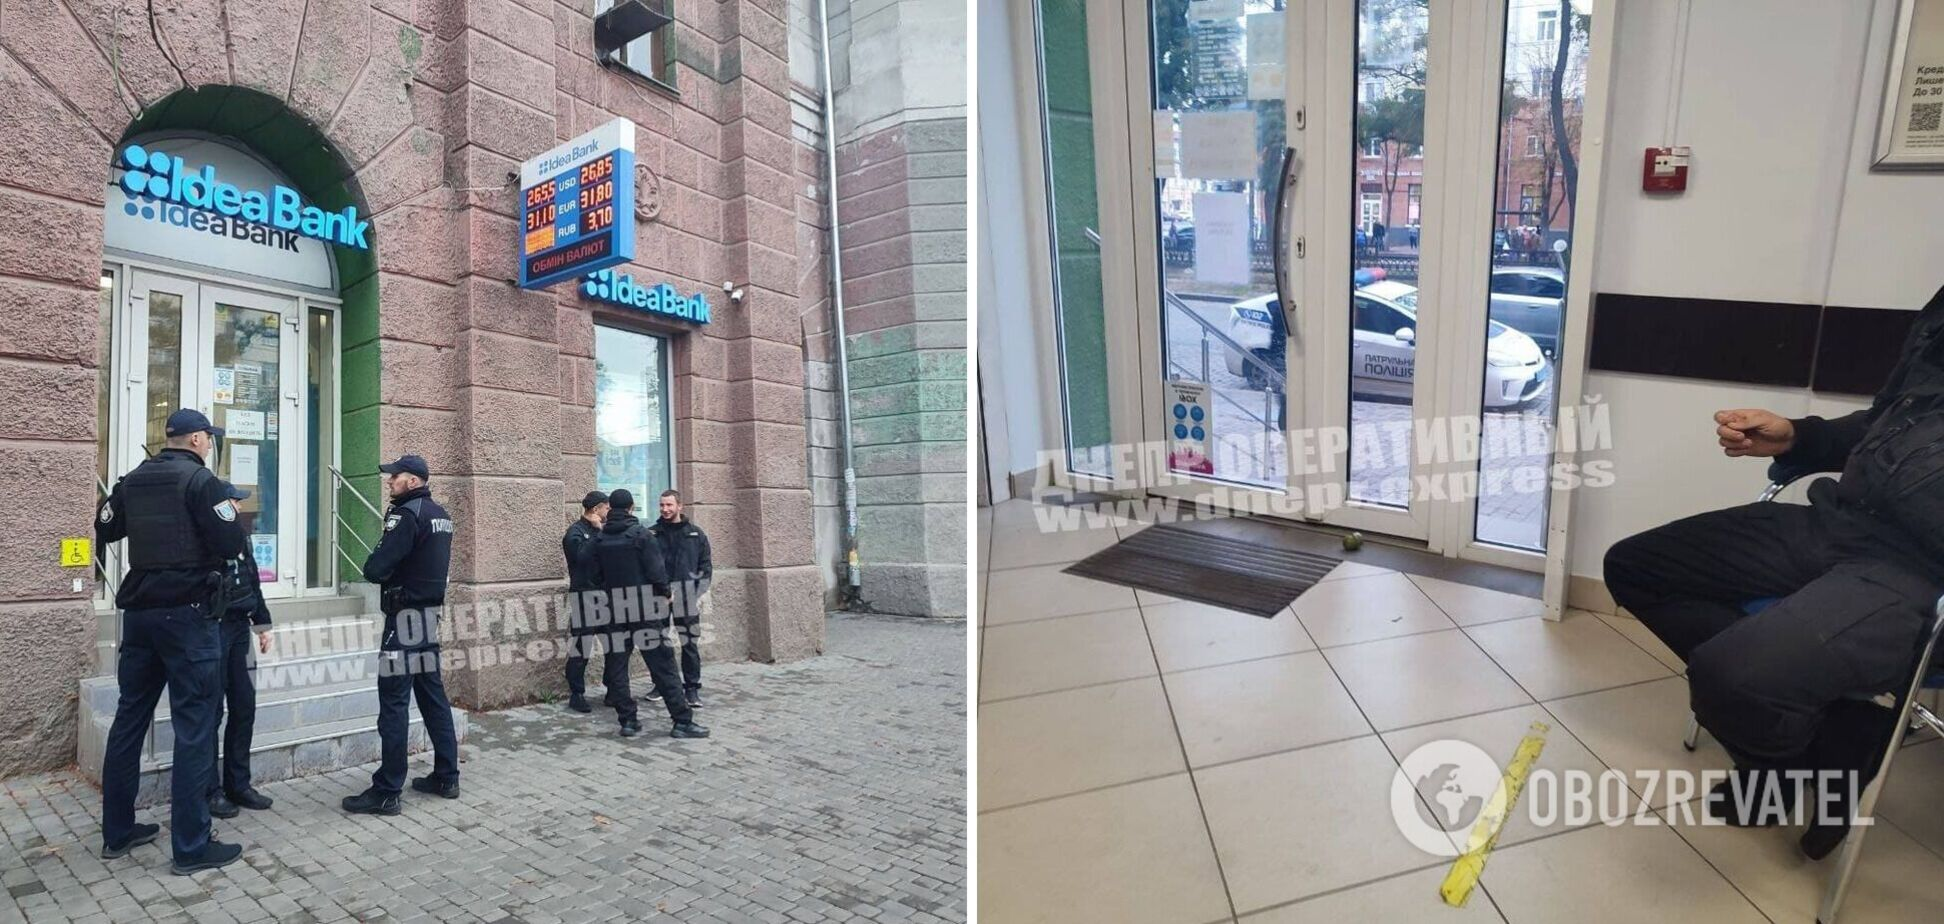 У Дніпрі у відділення поліції увірвався чоловік із гранатою, його затримали. Ексклюзивні подробиці